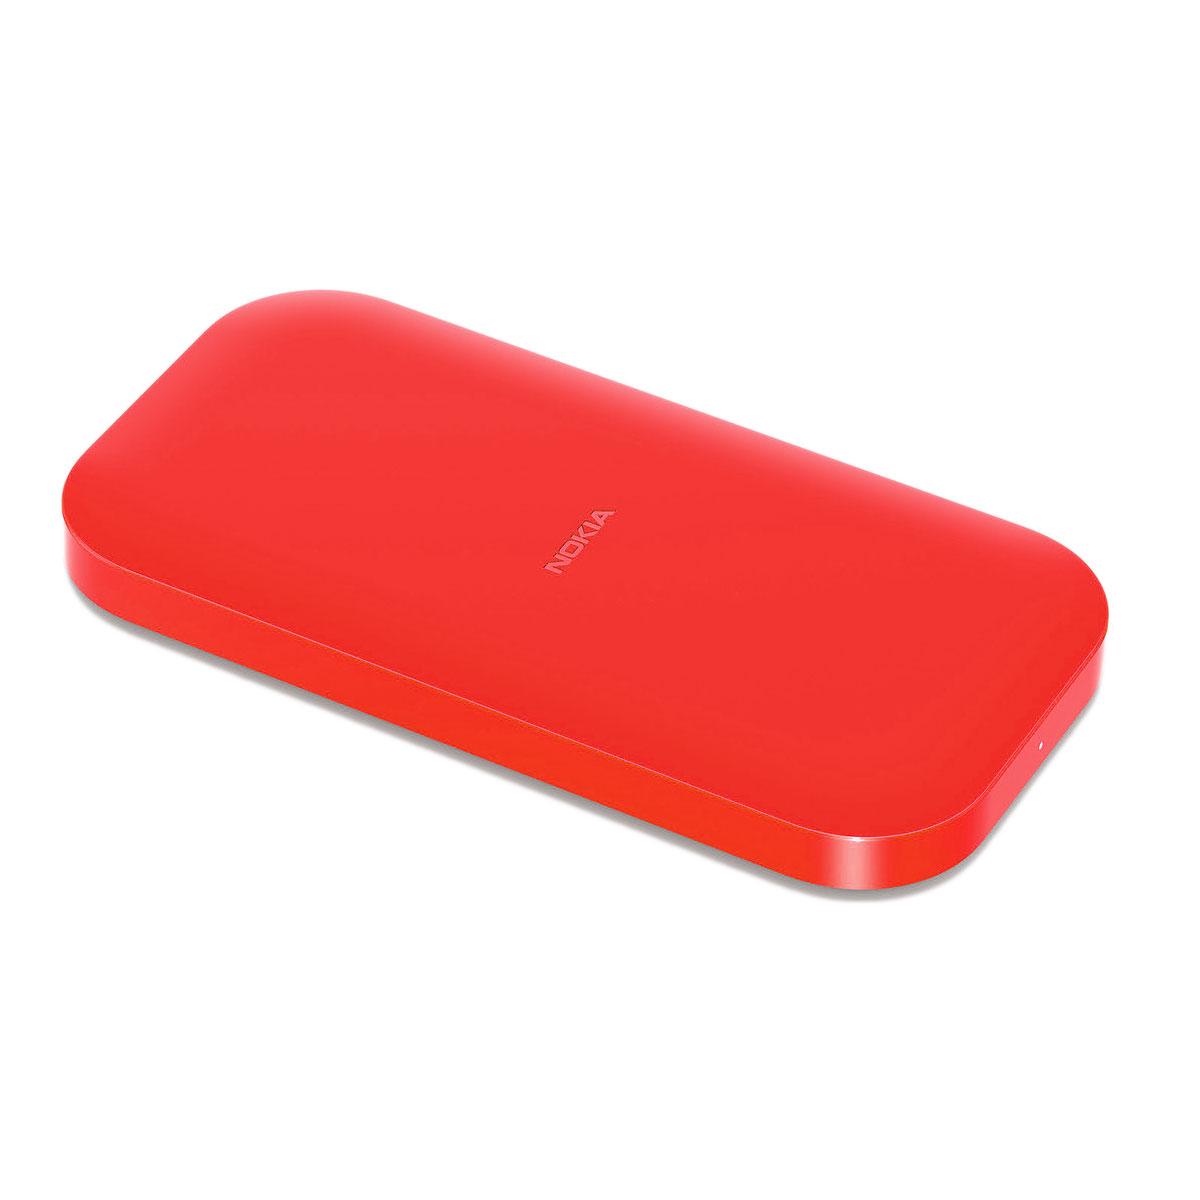 Nokia Socle De Chargement Sans Fil Dc 50 Rouge Chargeur